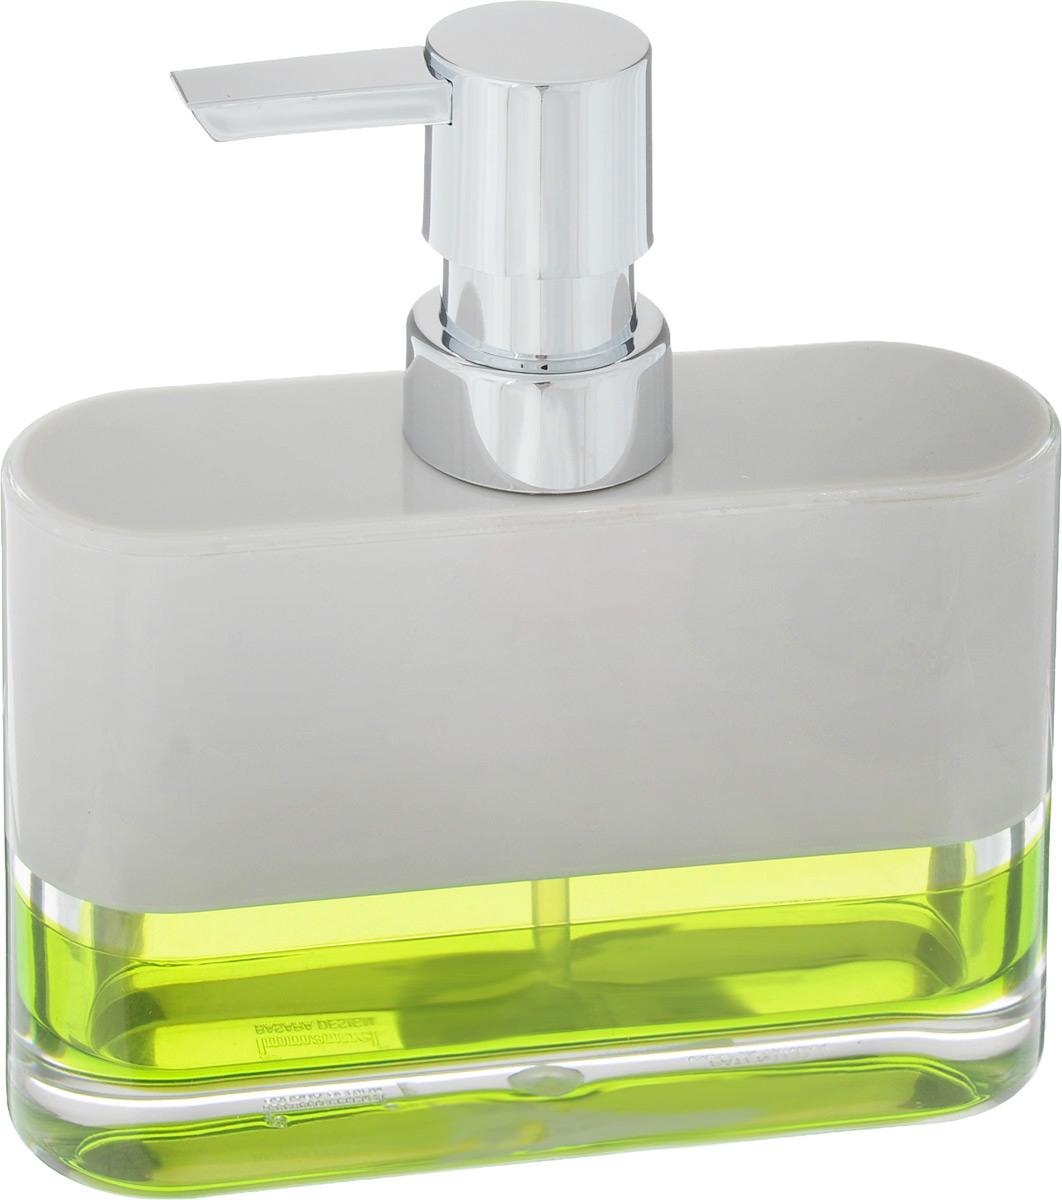 """Дозатор для жидкого мыла Tatkraft """"Topaz Green"""" изготовлен из акрила. Основание дополнено яркой вставкой. Такой аксессуар очень удобен в использовании: достаточно лишь перелить жидкое мыло в дозатор, а когда необходимо использование мыла, легким нажатием выдавить нужное количество. Дозатор Tatkraft """"Topaz Green"""" станет стильным аксессуаром и красиво дополнит интерьер ванной комнаты."""